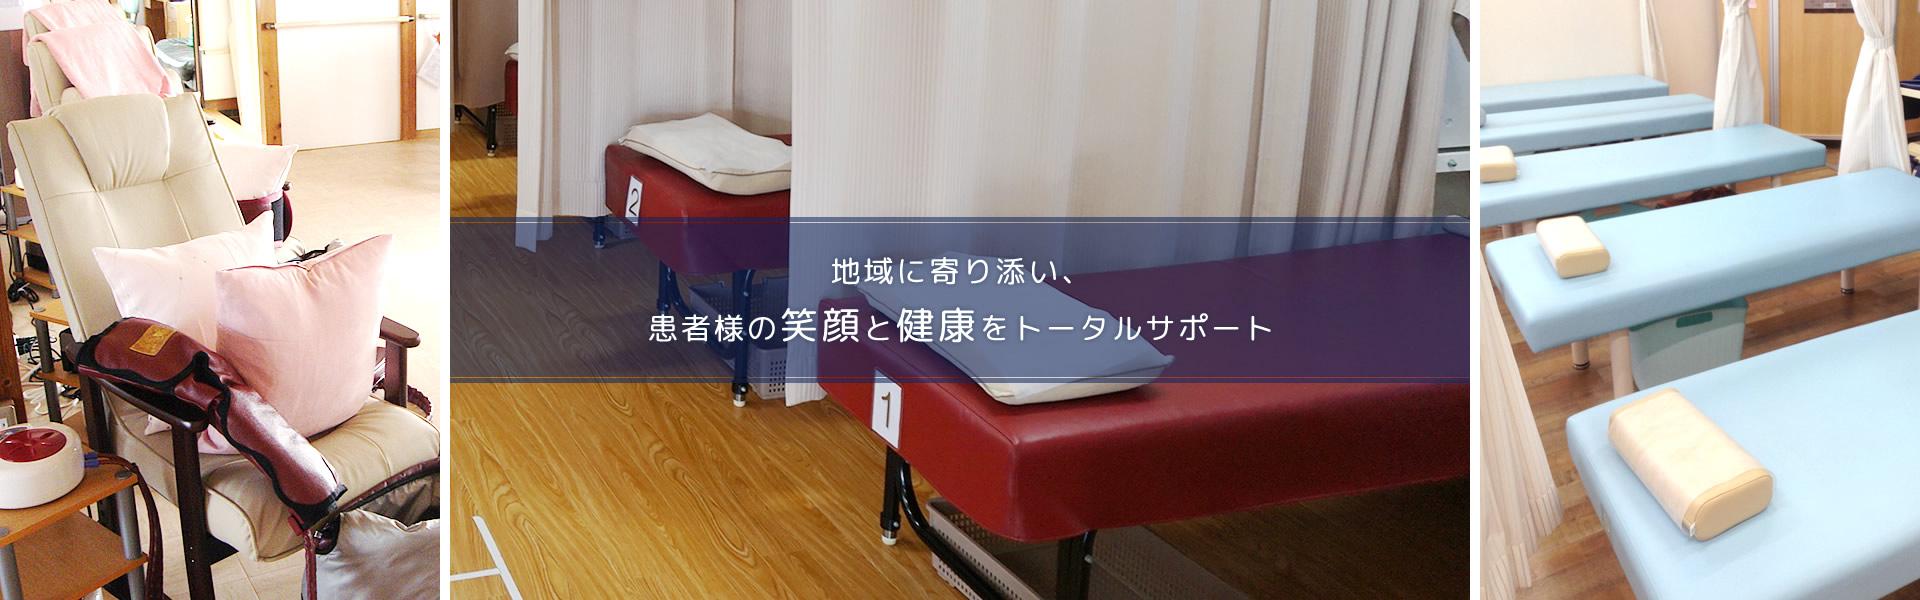 茨城県の整骨院・デイサービスなら「ユモト」へ | 結城市 湯本 たまど整骨院